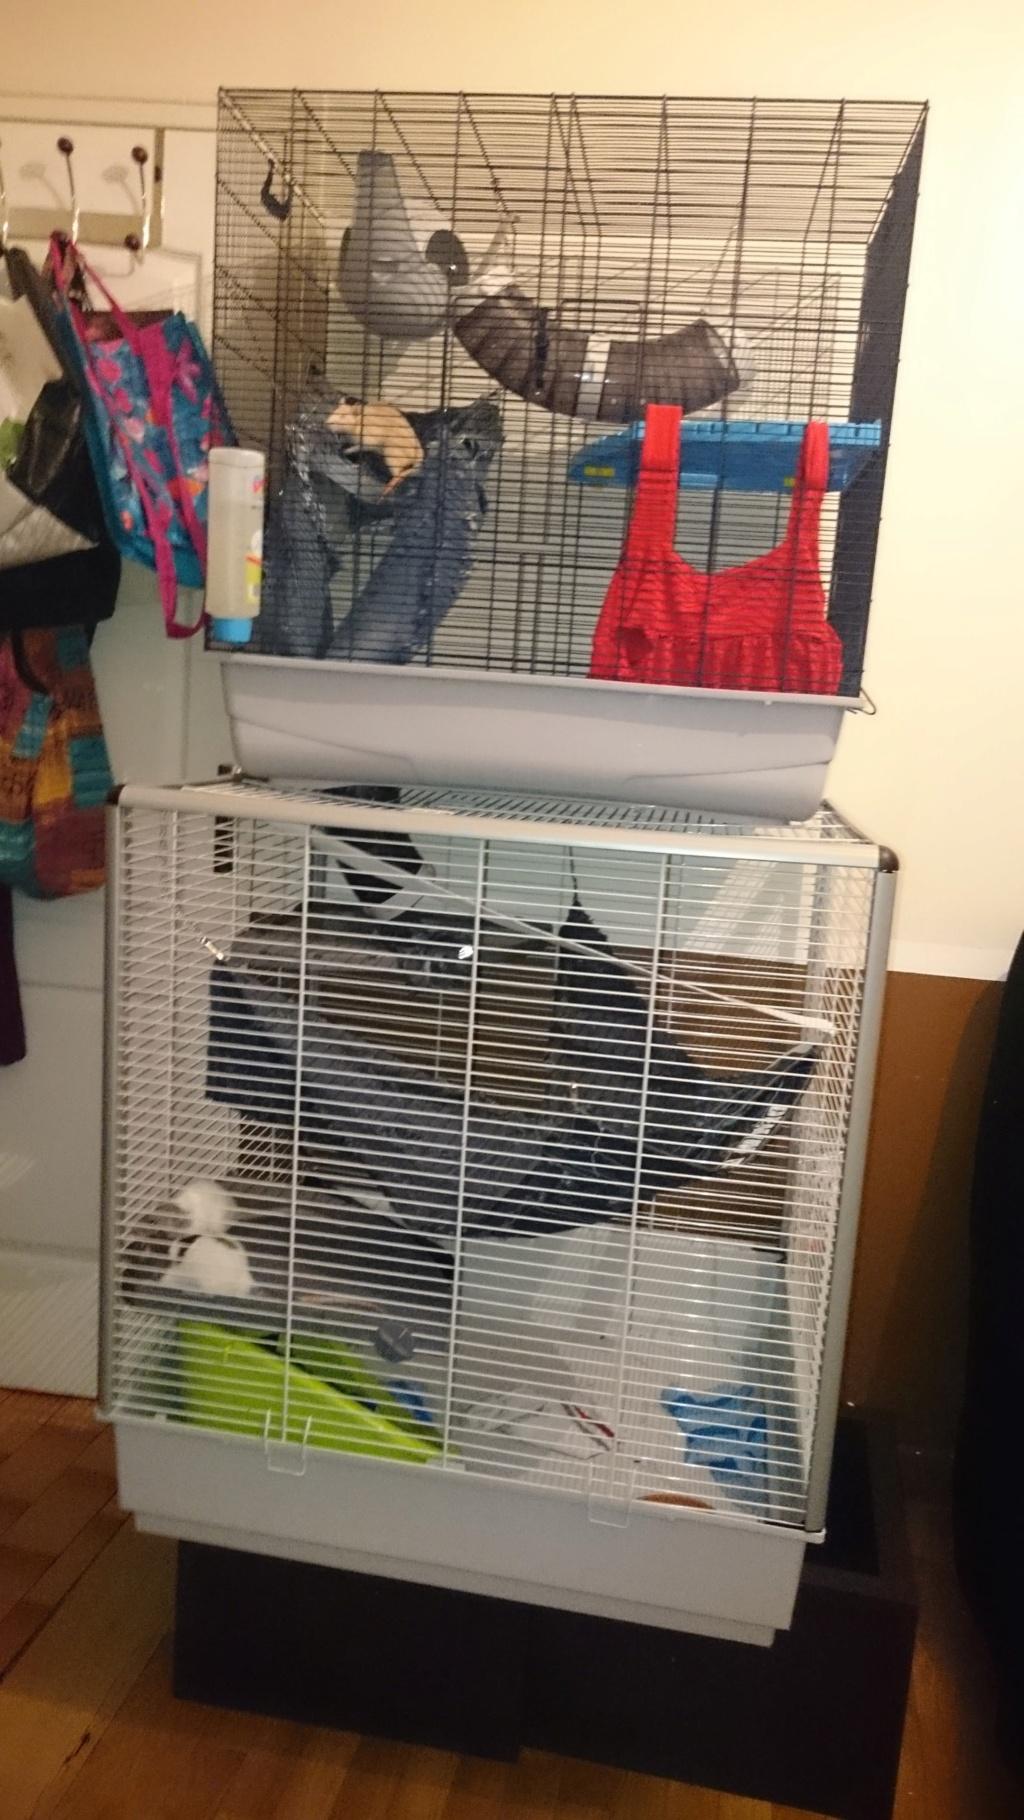 A Vendre Cage Ferplast Furet/Rat/ Rongeur XL et Cage Freddy Savi 92 RP Dsc_0011